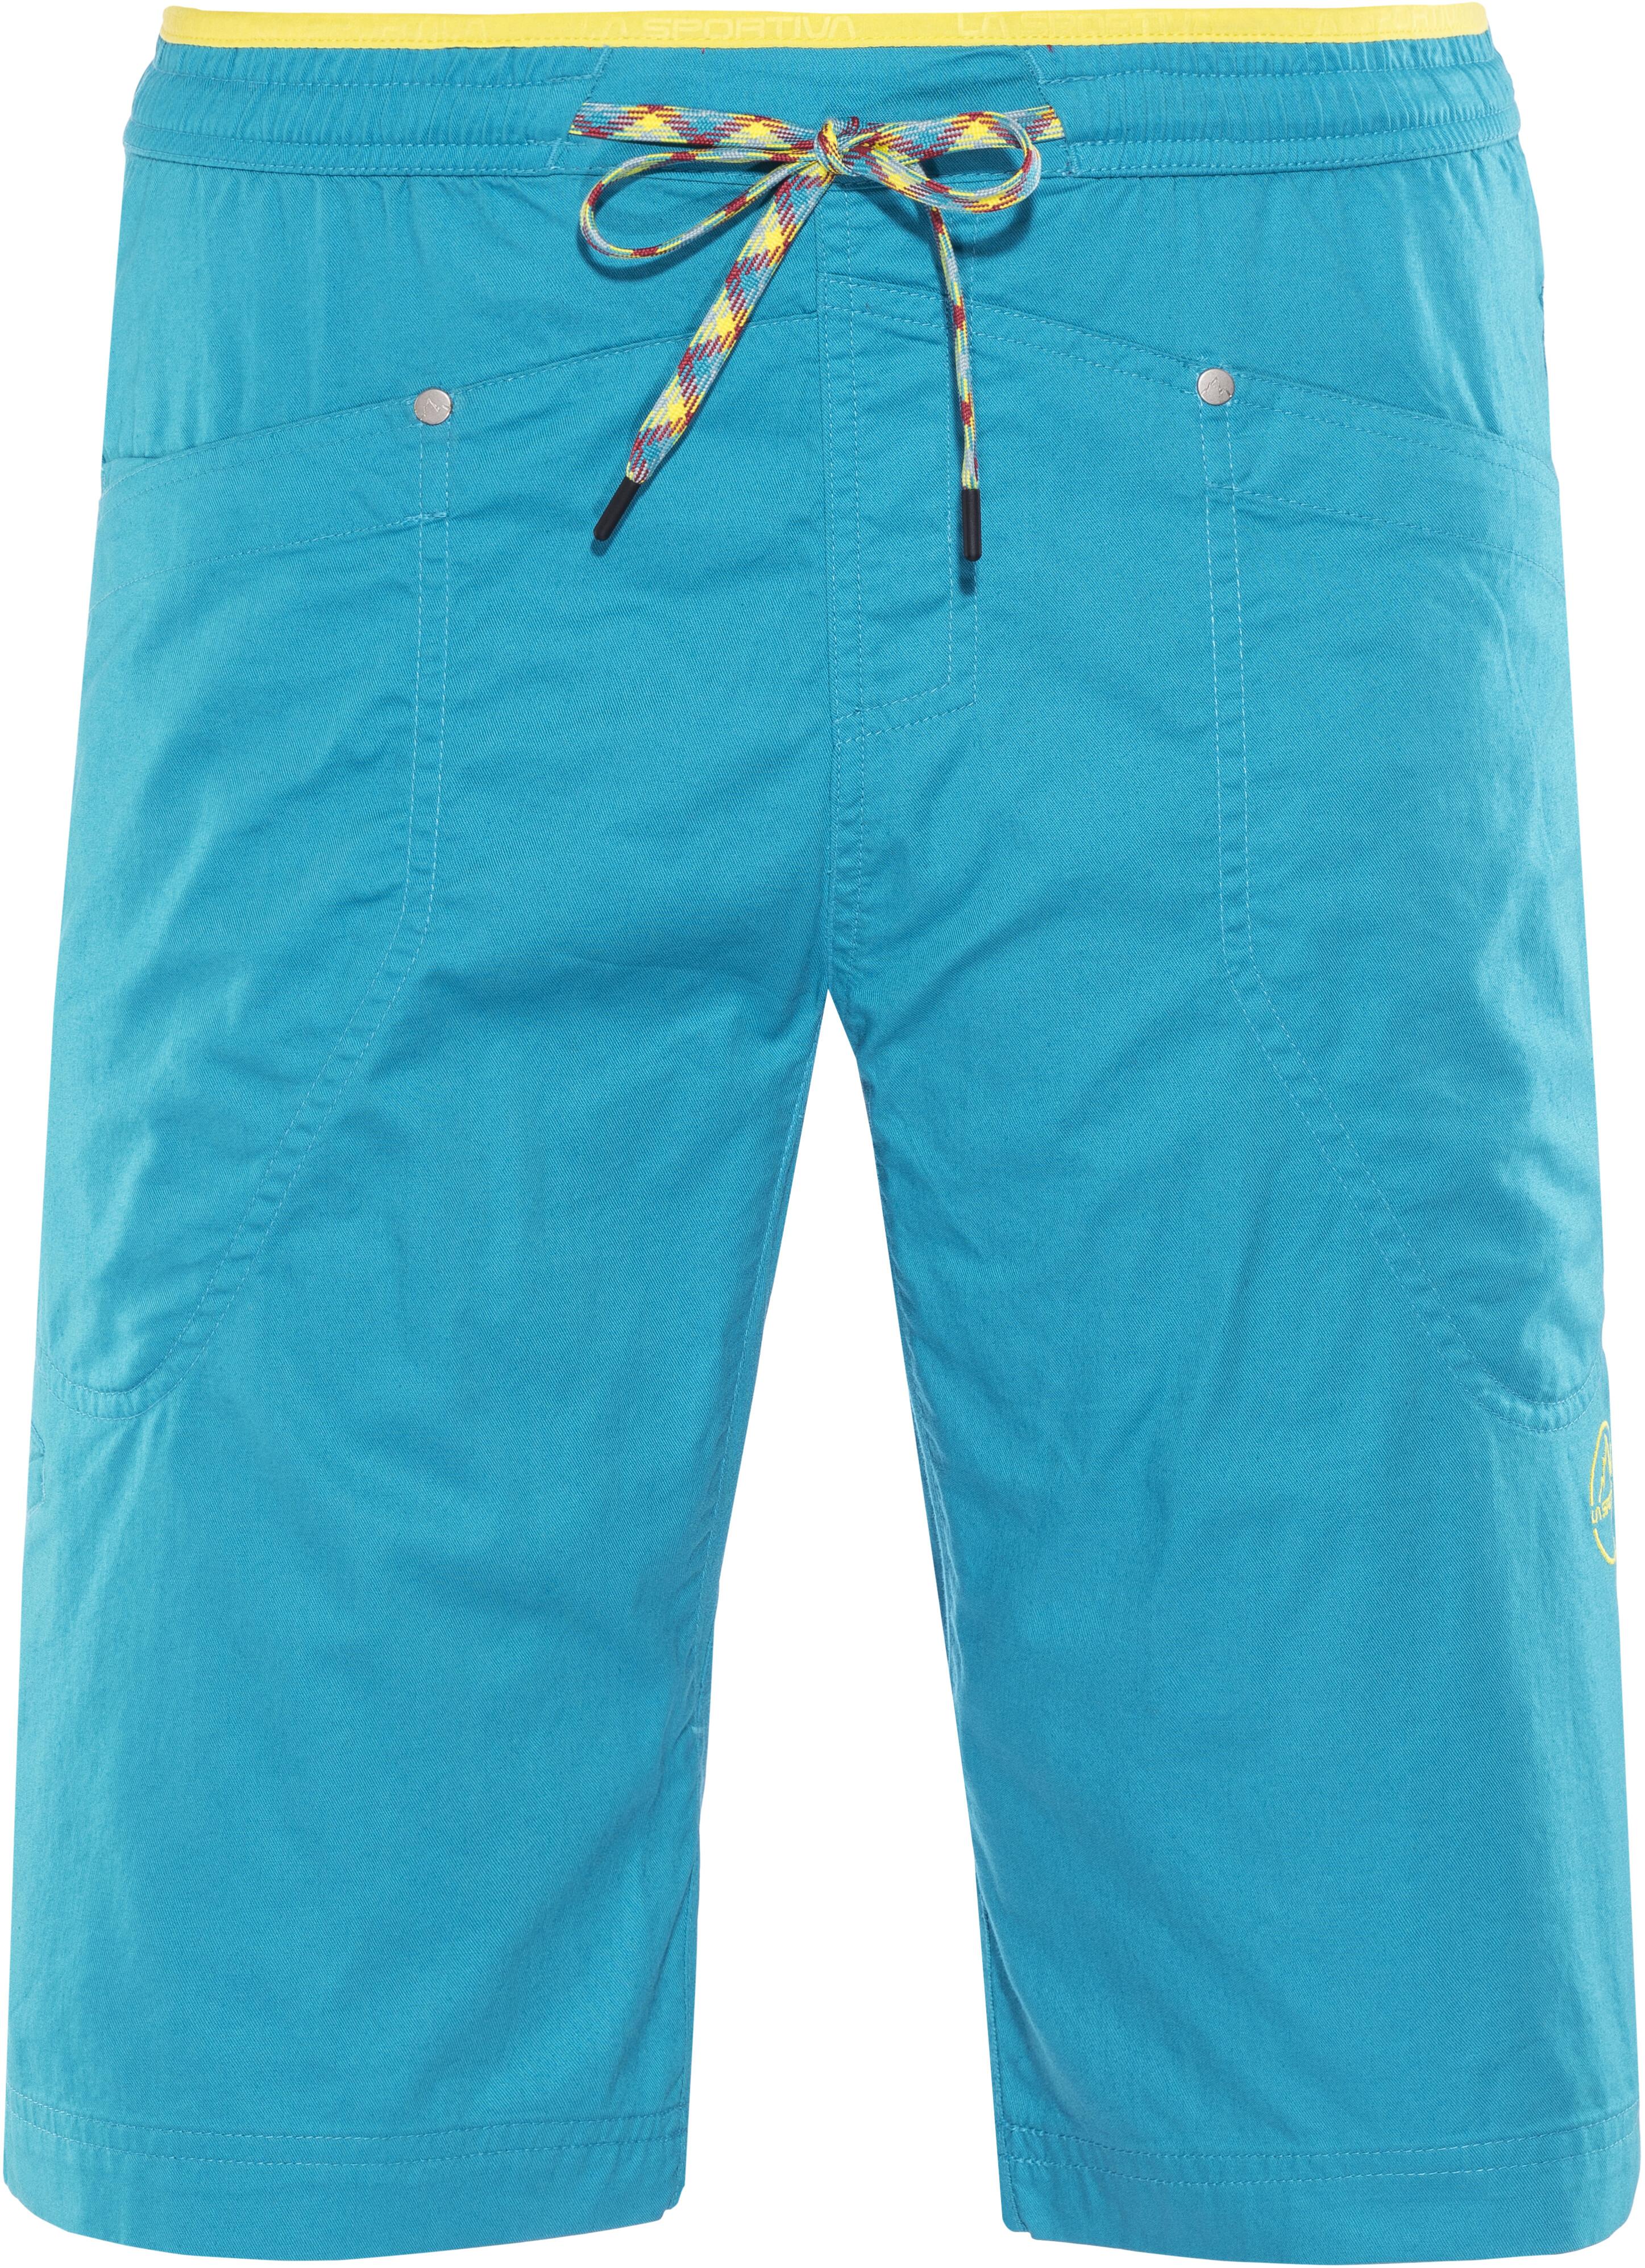 75292f474946 La Sportiva Bleauser - Shorts Homme - bleu sur CAMPZ !